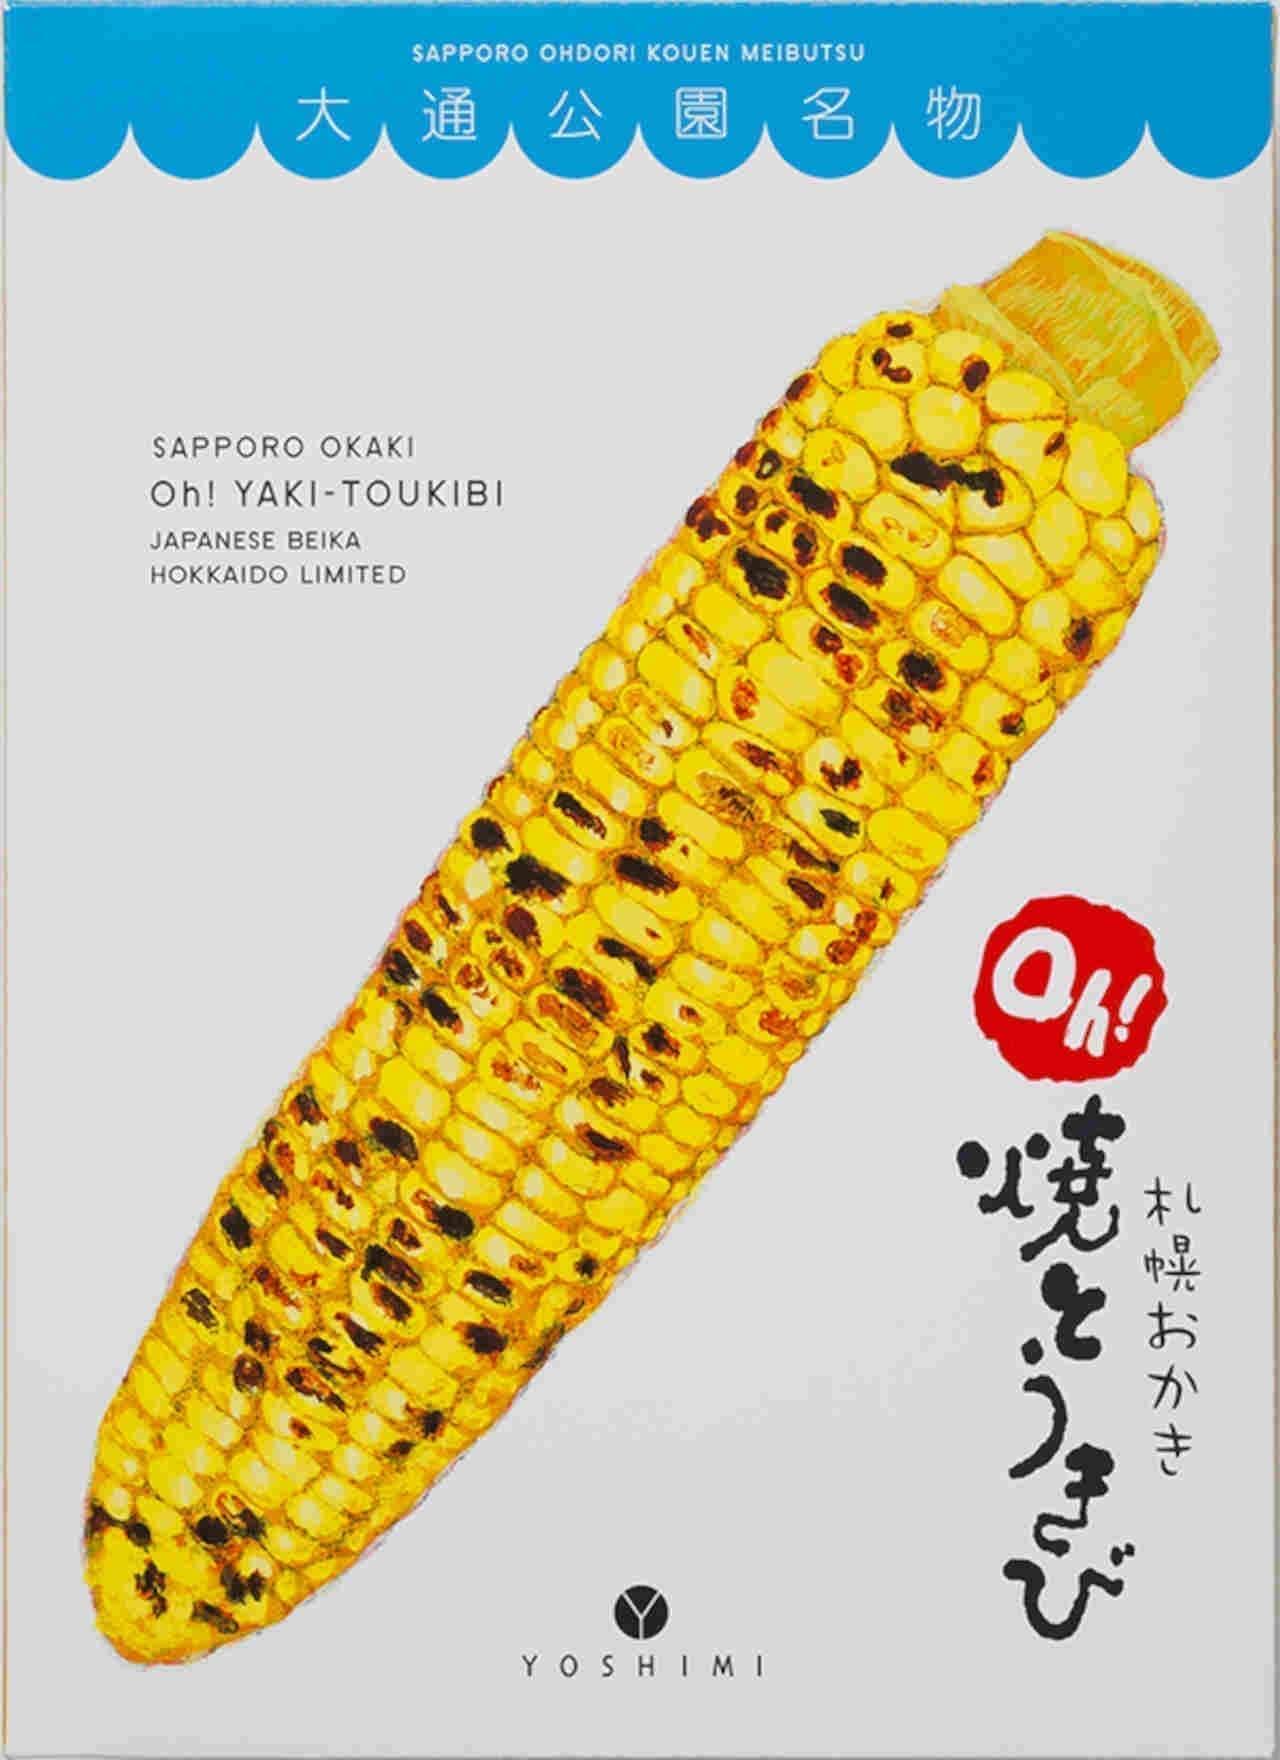 北海道限定「カントリーマアム(Oh!焼とうきび)」